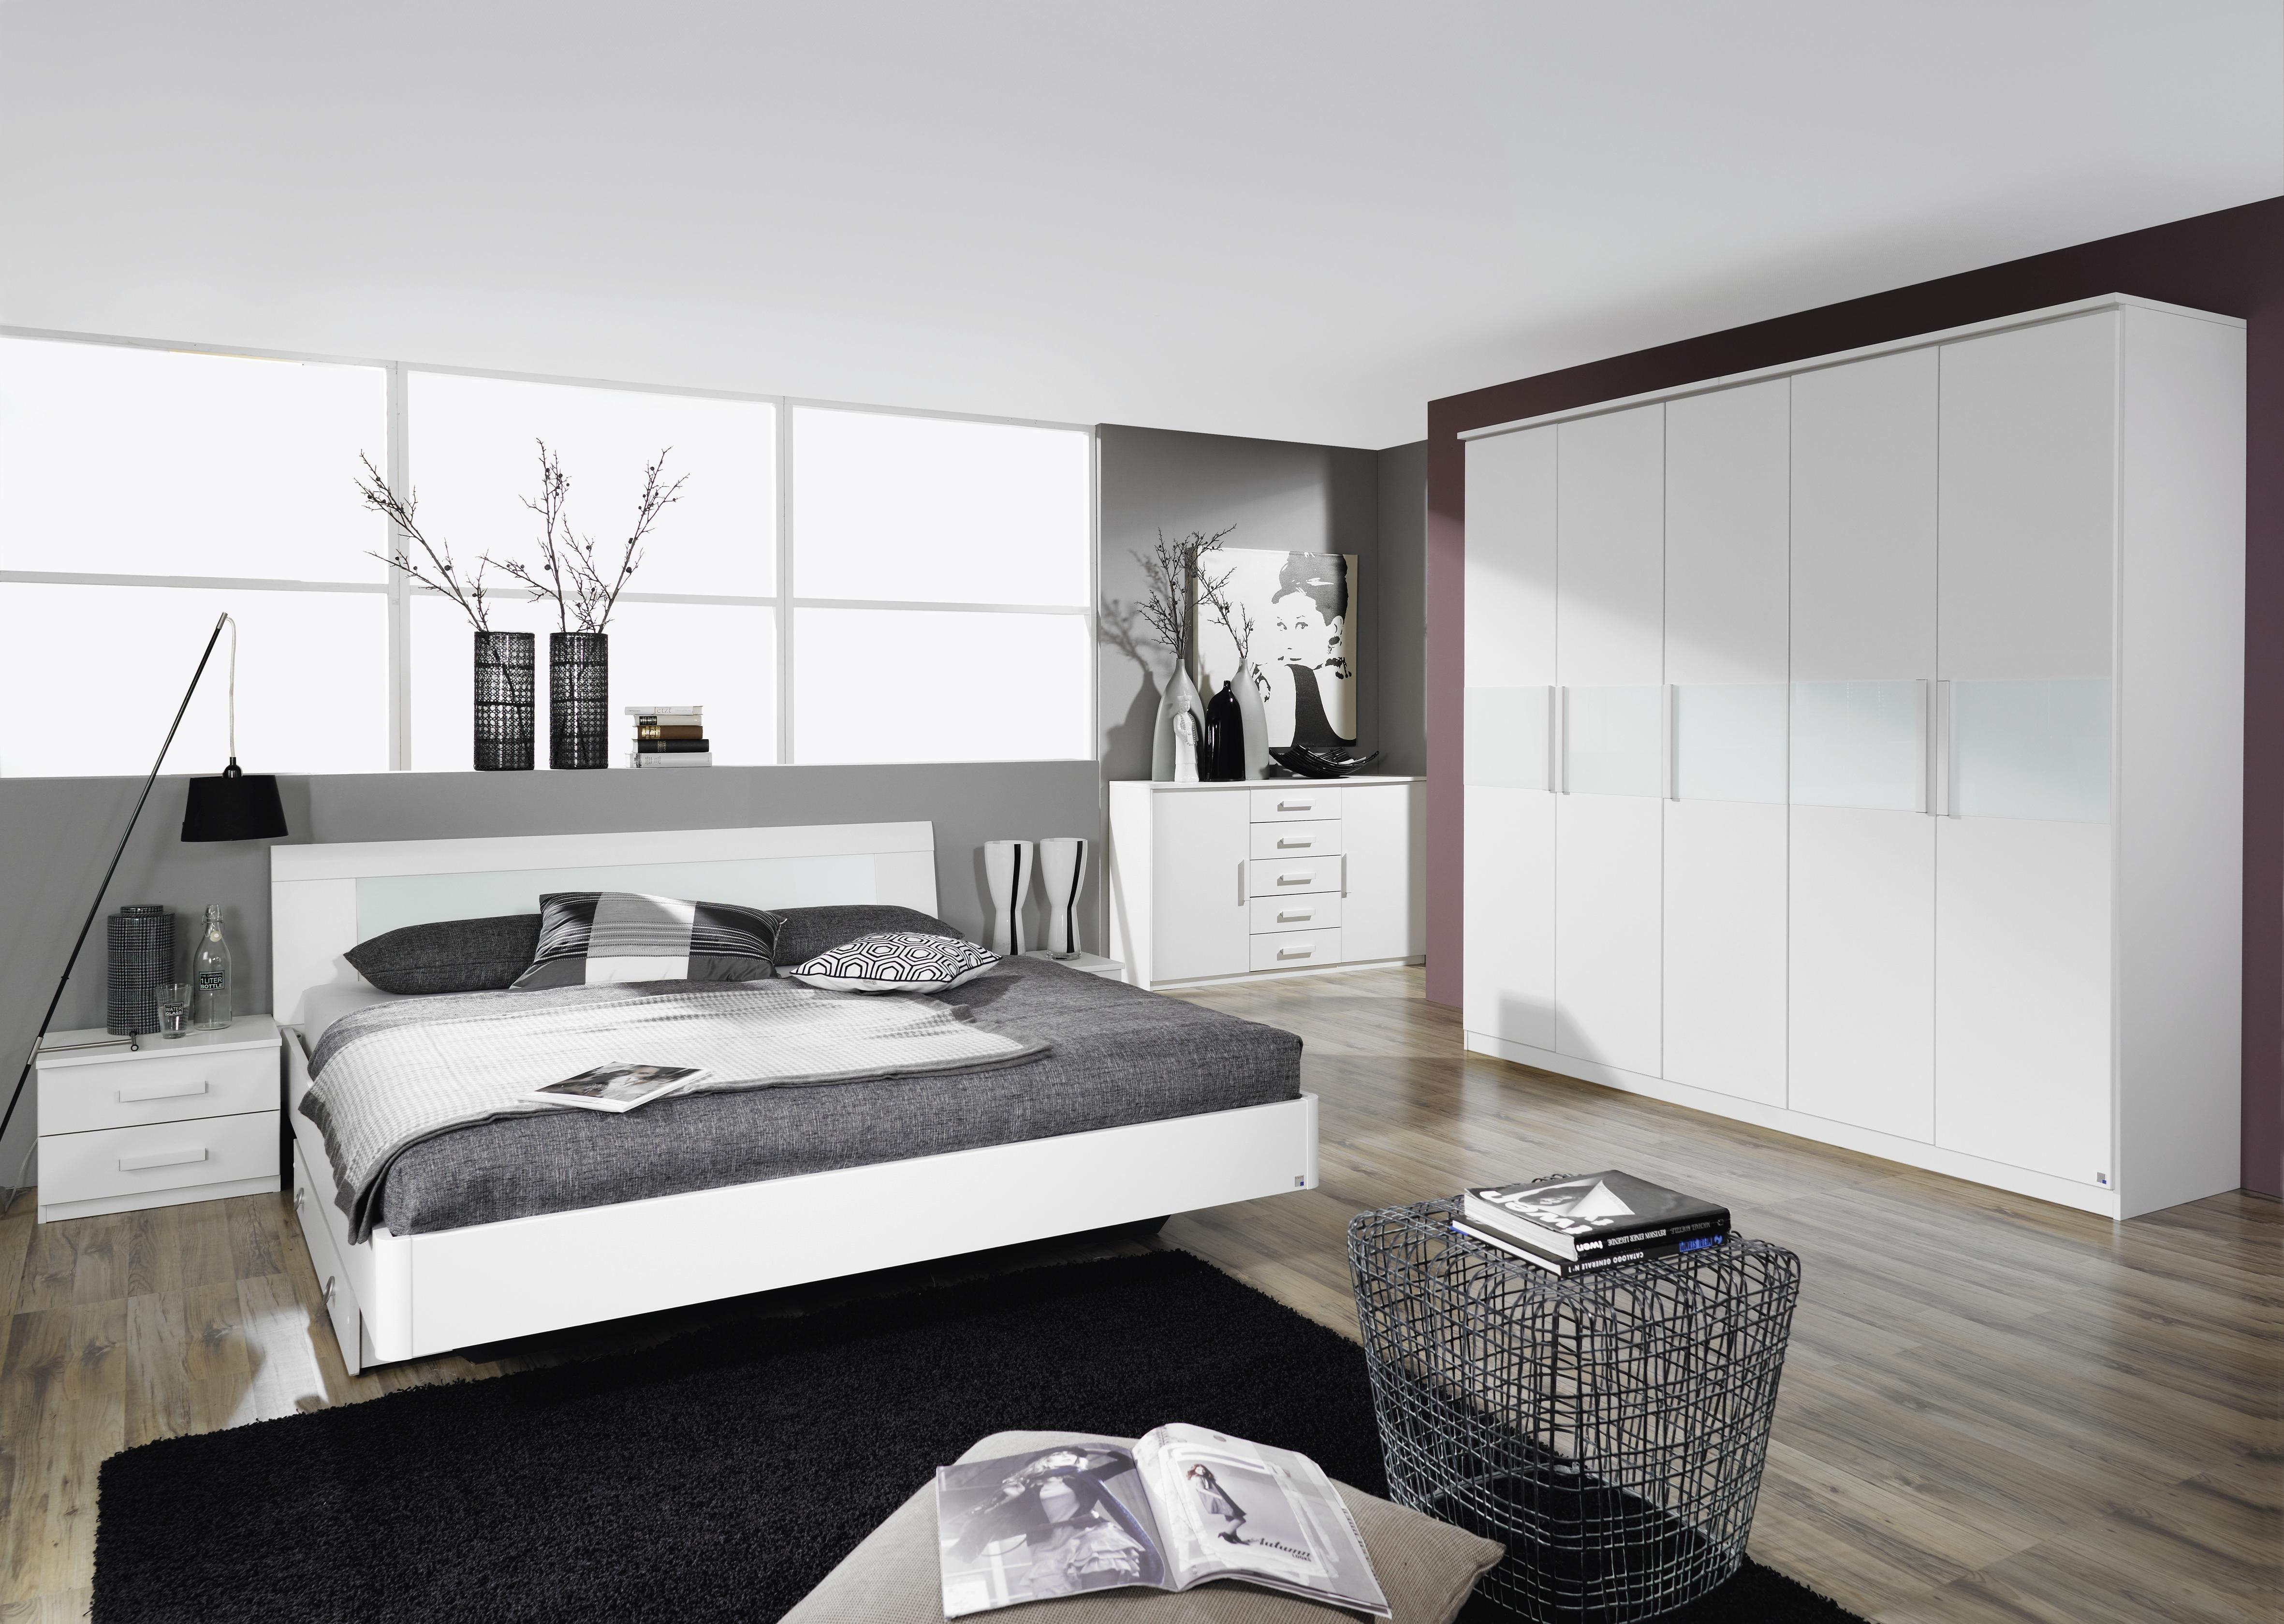 Schlafzimmer Mit Bett 180 X 200 Cm Alpinweiss Glas Weiss Woody 33